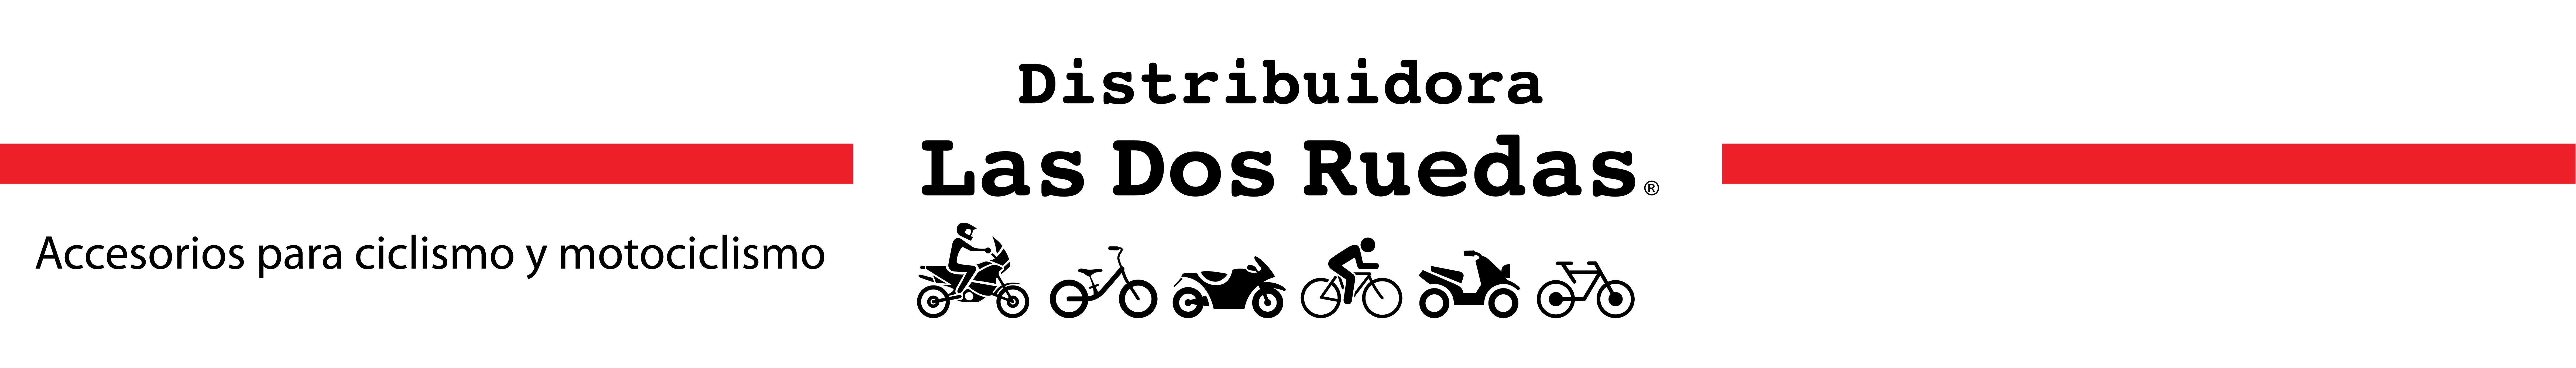 distribuidora-las-dos-ruedas